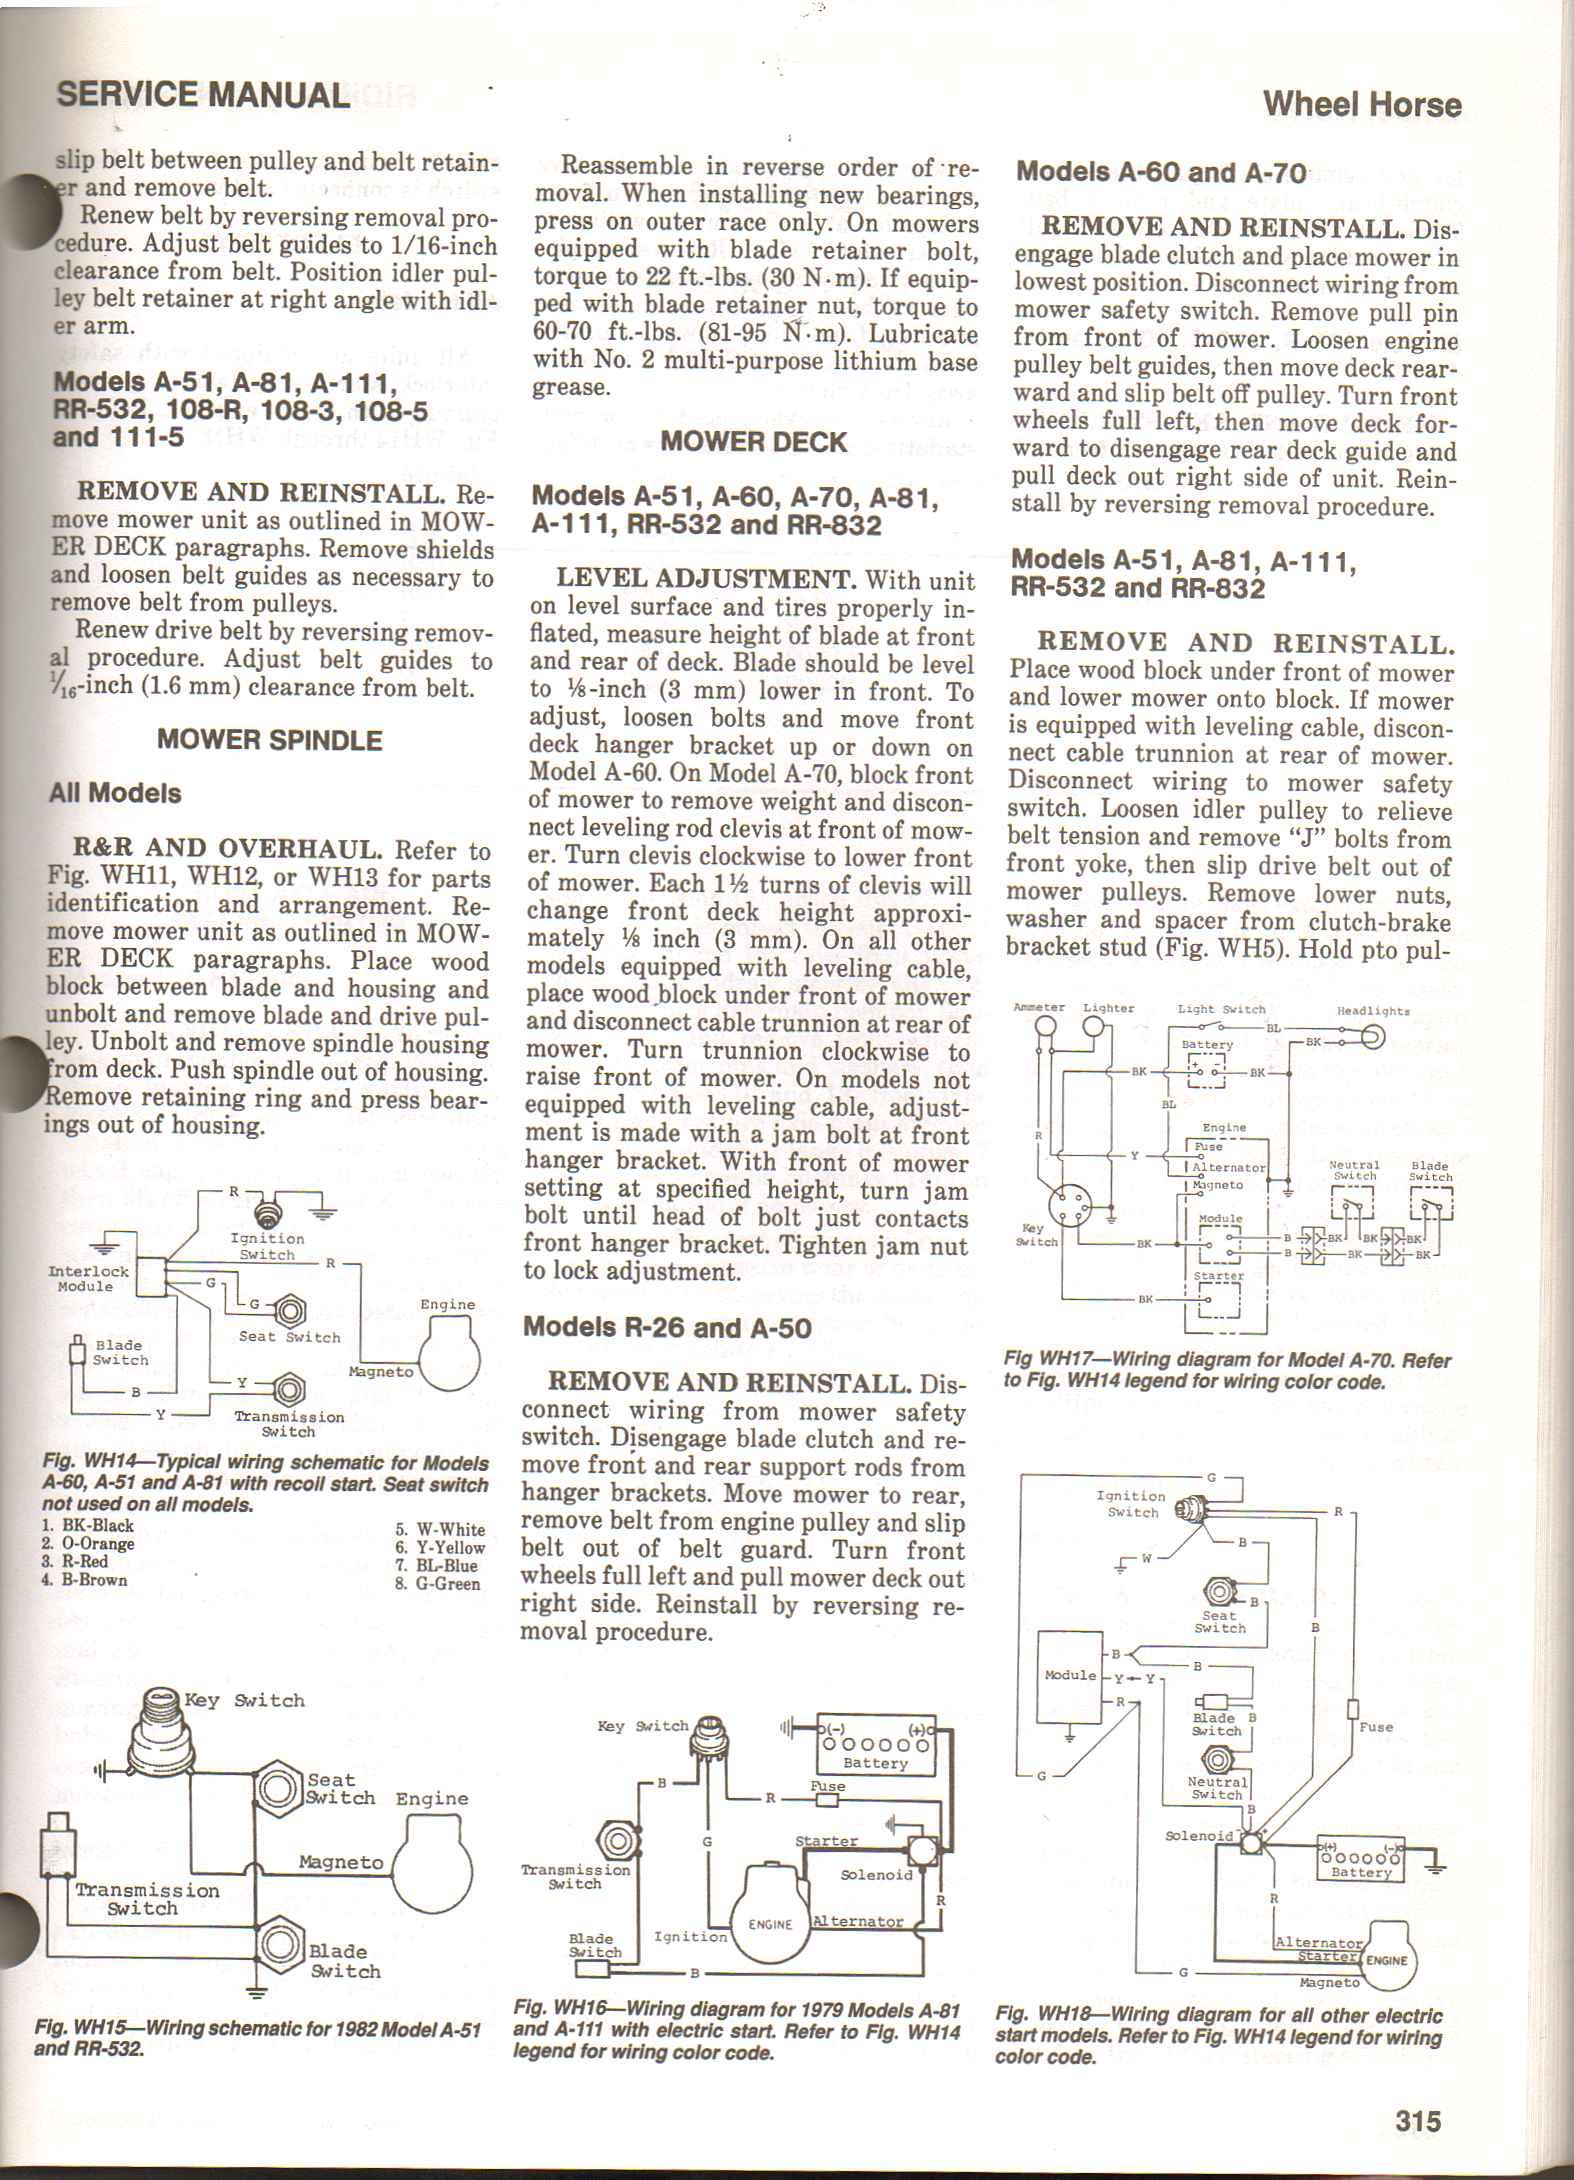 Wheel Horse Commando 800  I Think It U0026 39 S A 1972  I Need To